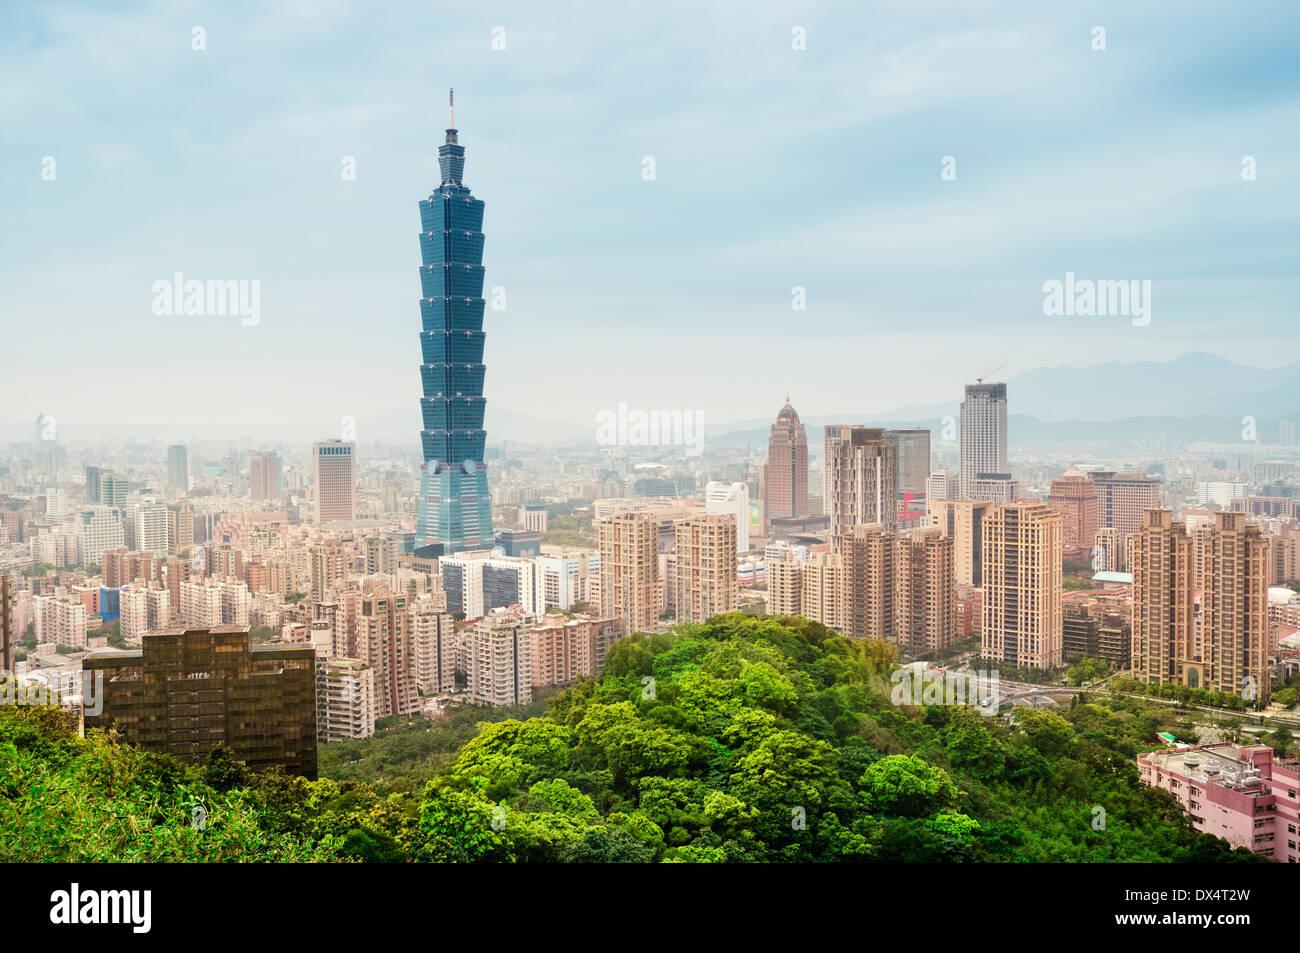 Vista del distrito financiero y de negocios. Imagen De Stock